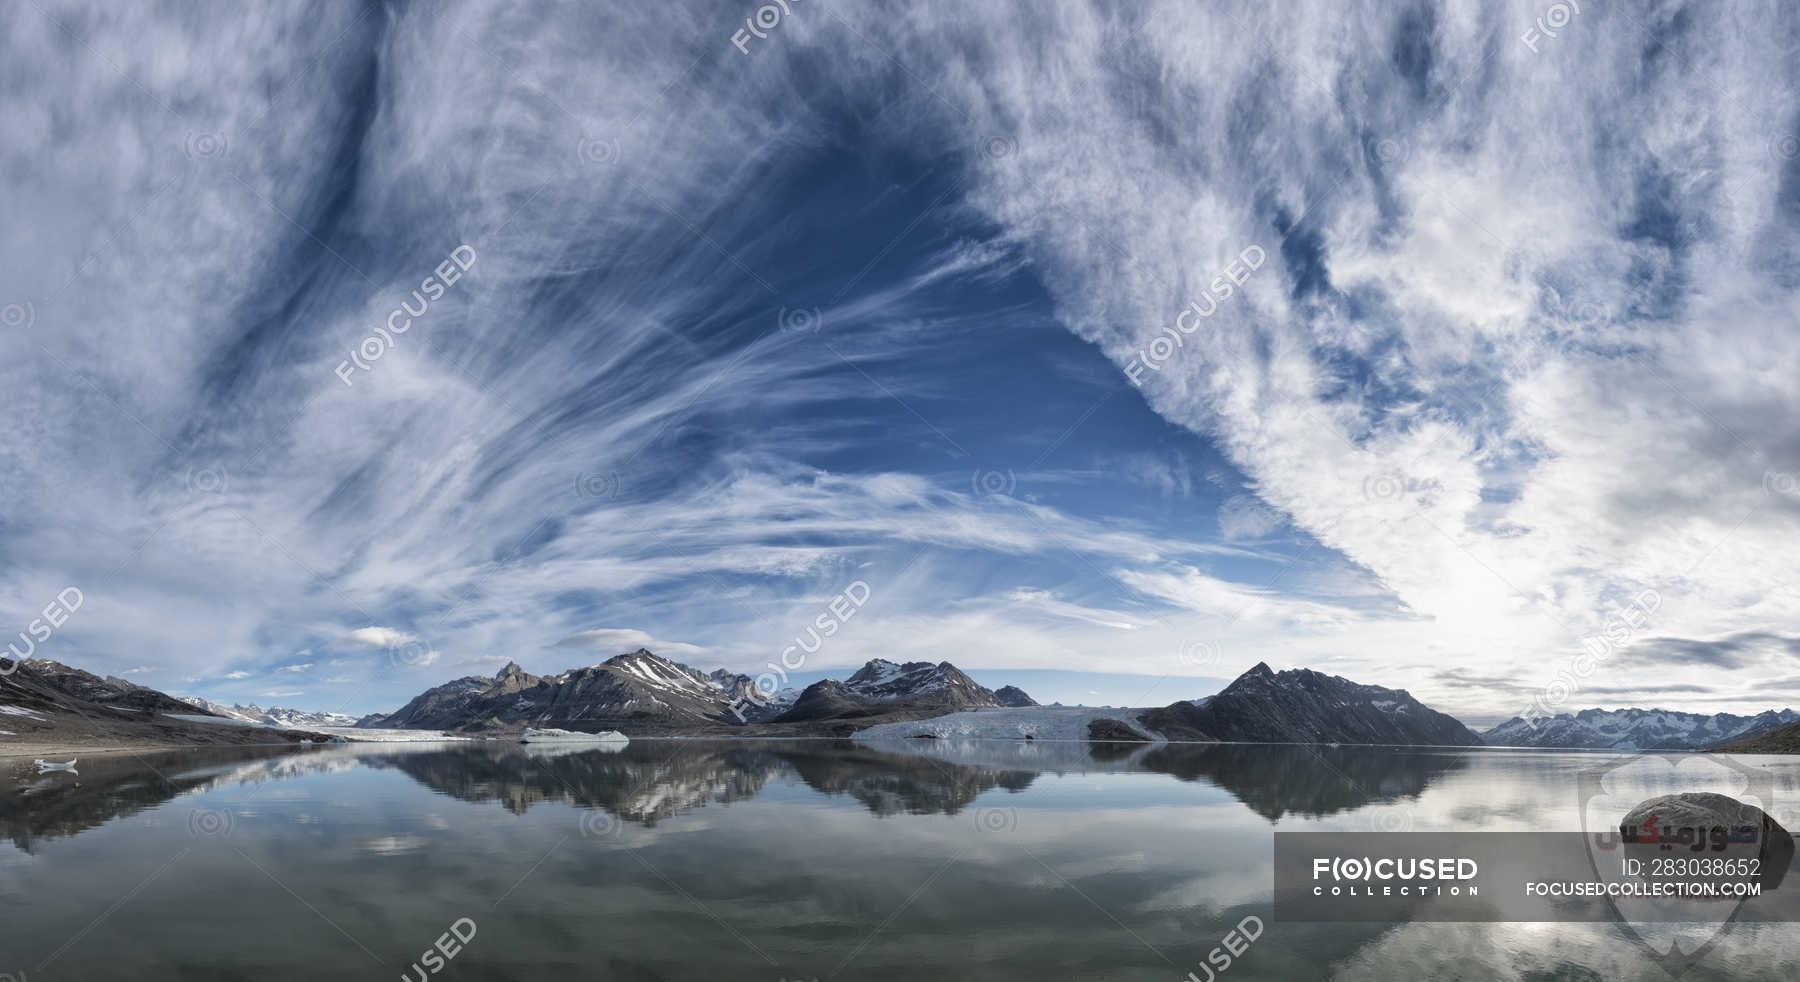 أجمل 100 صورة التقطت لجبال الألب في 2020 7